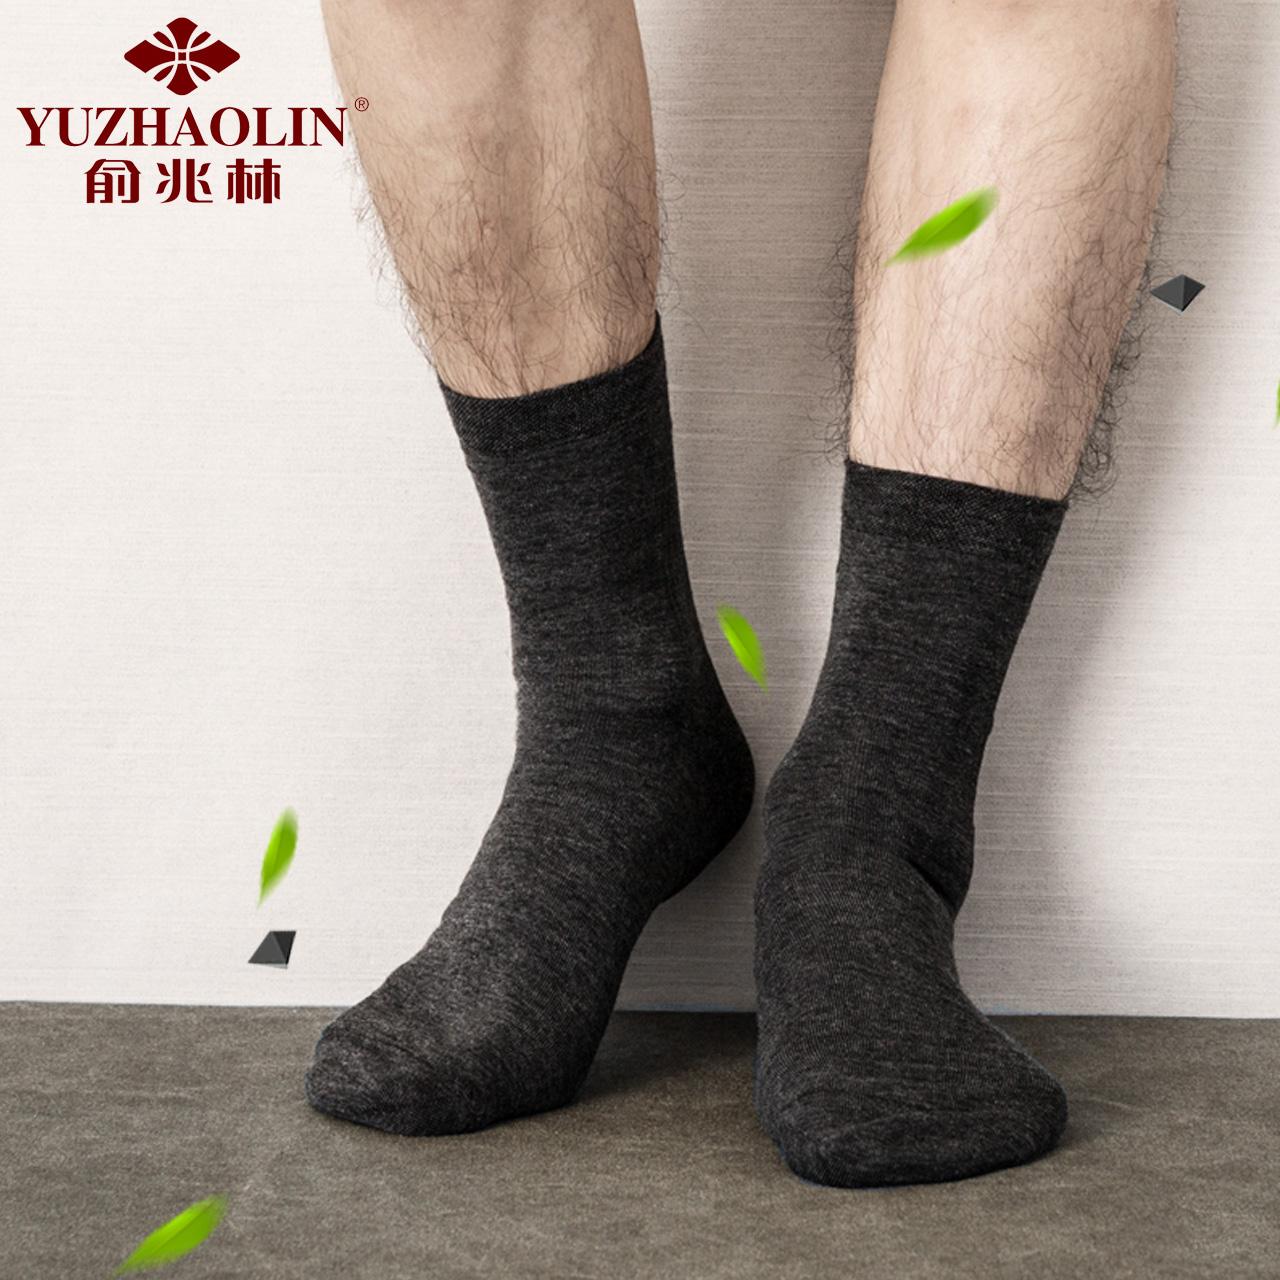 俞兆林袜子男士纯色棉袜春夏中筒袜短袜船袜四季薄款隐形袜子